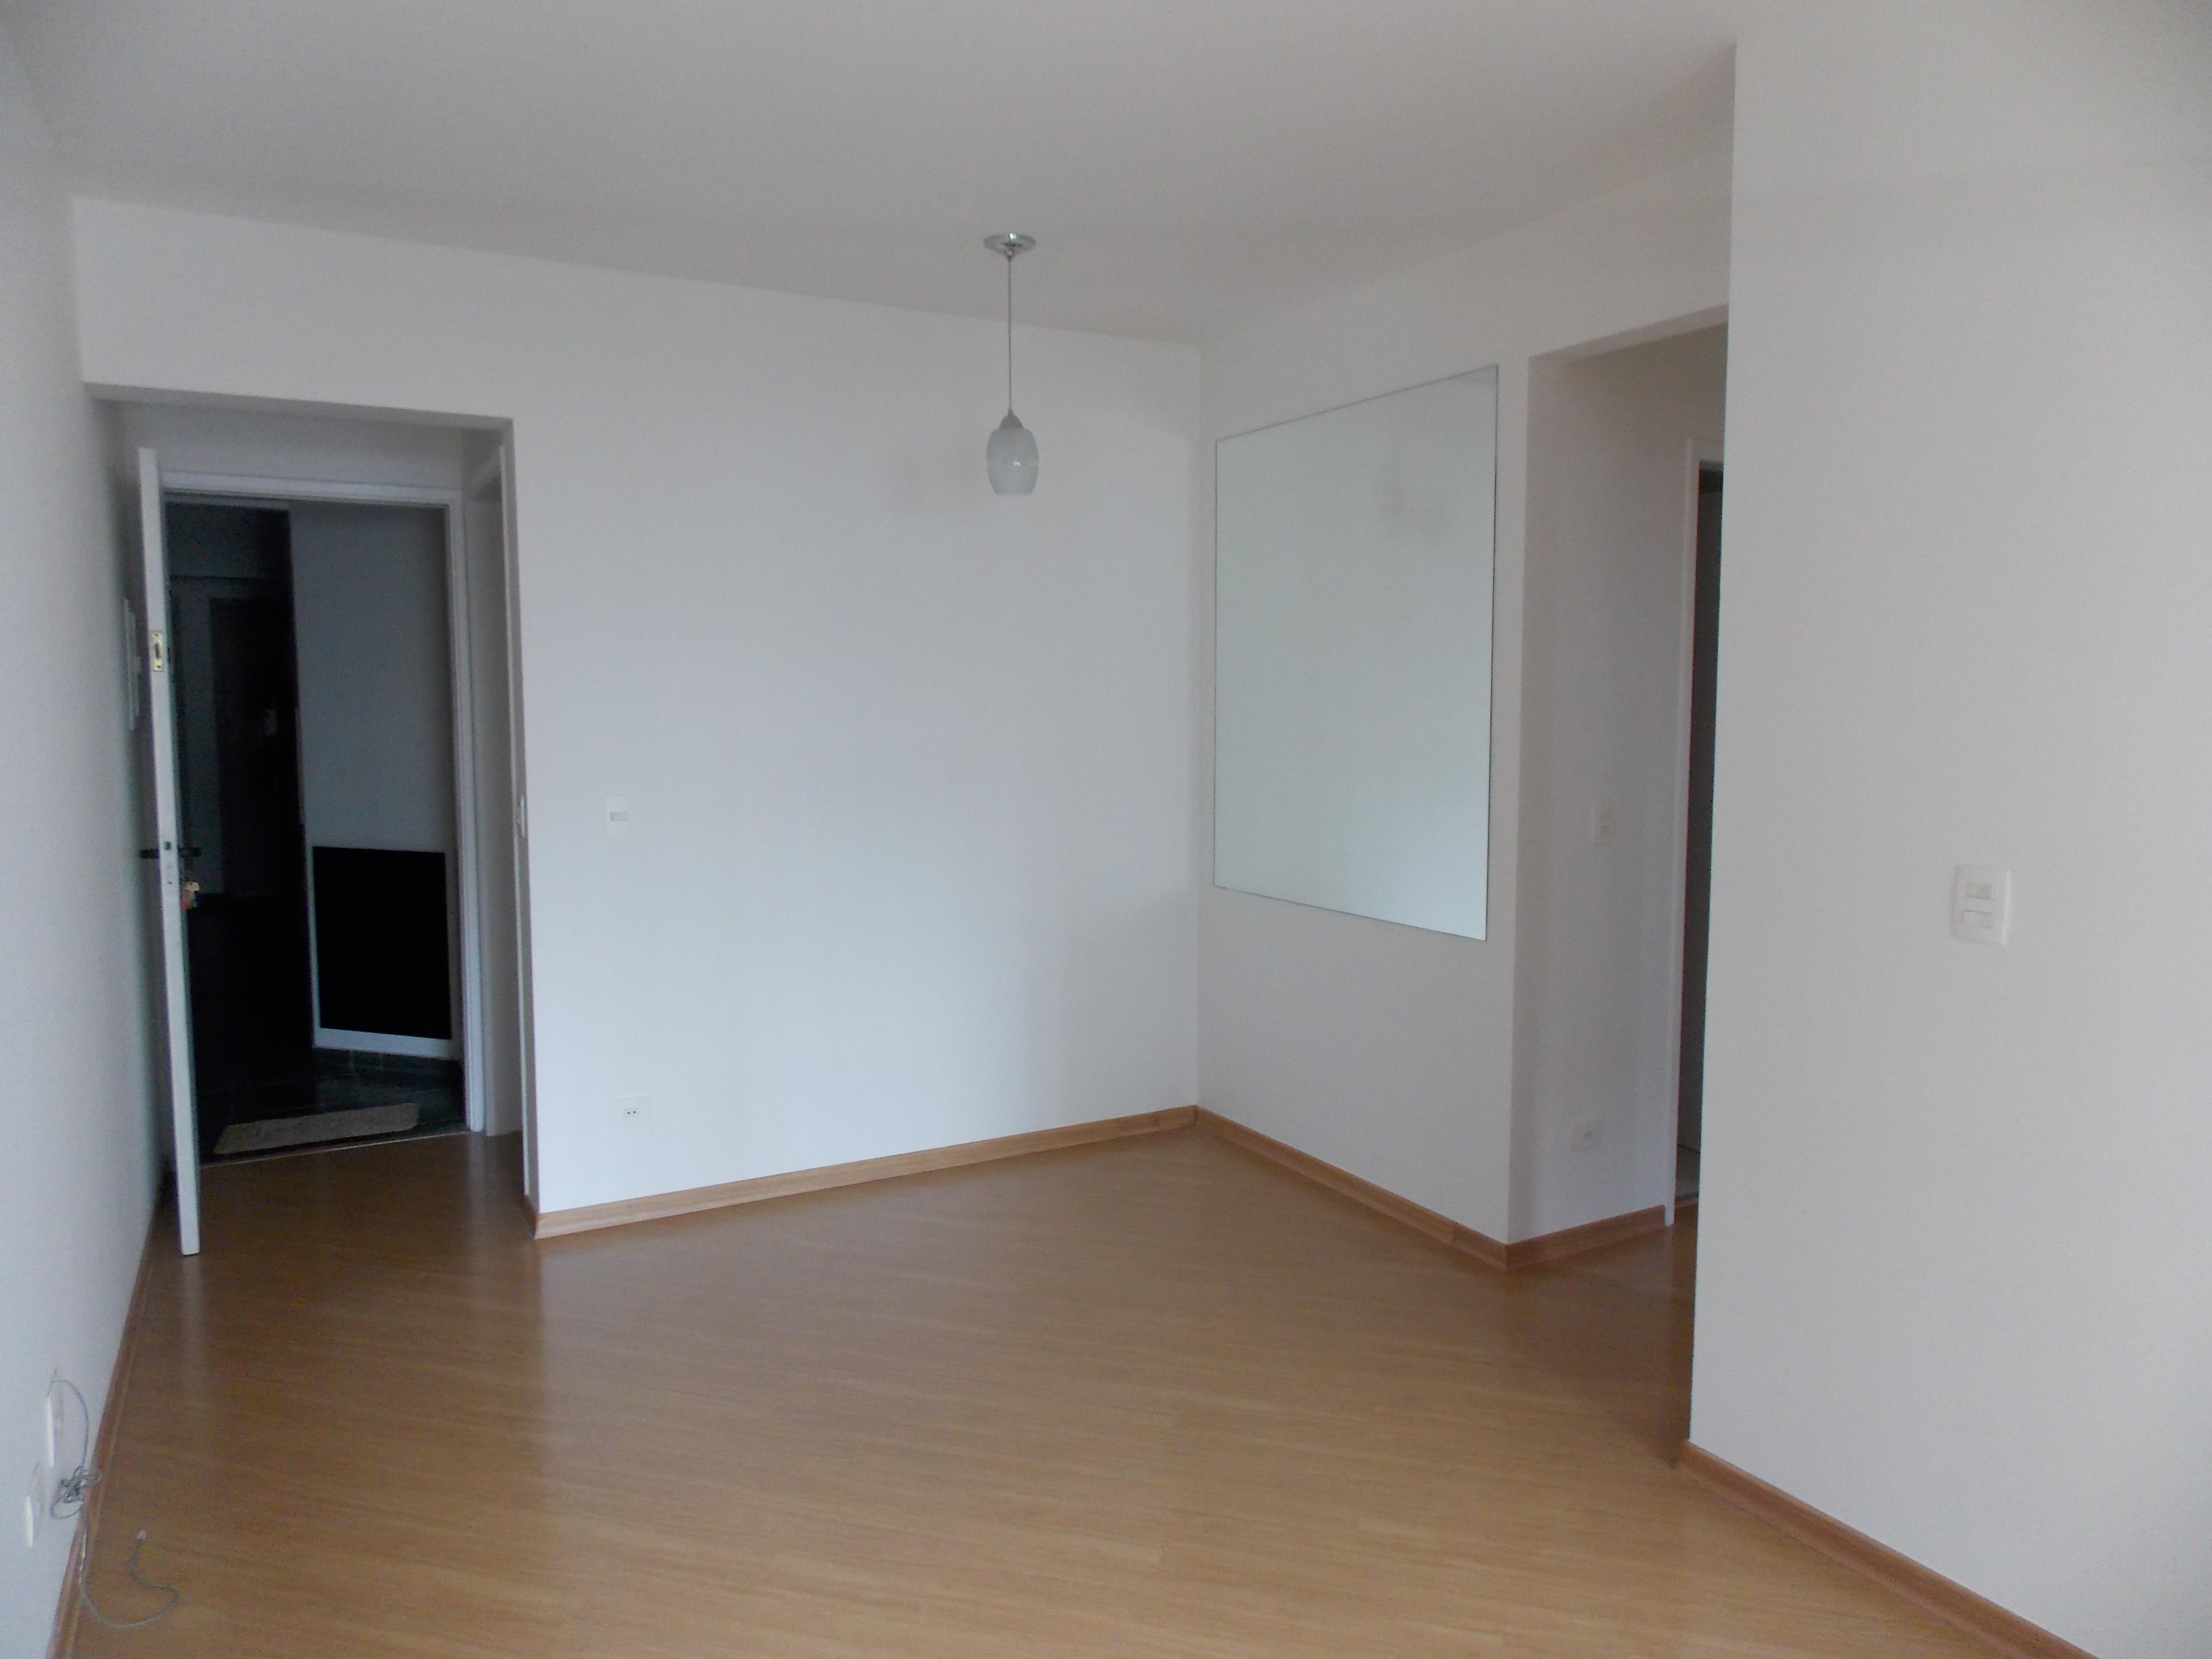 Jabaquara, Apartamento Padrão - Sala 2 ambientes com piso de laminado e acesso a sacada